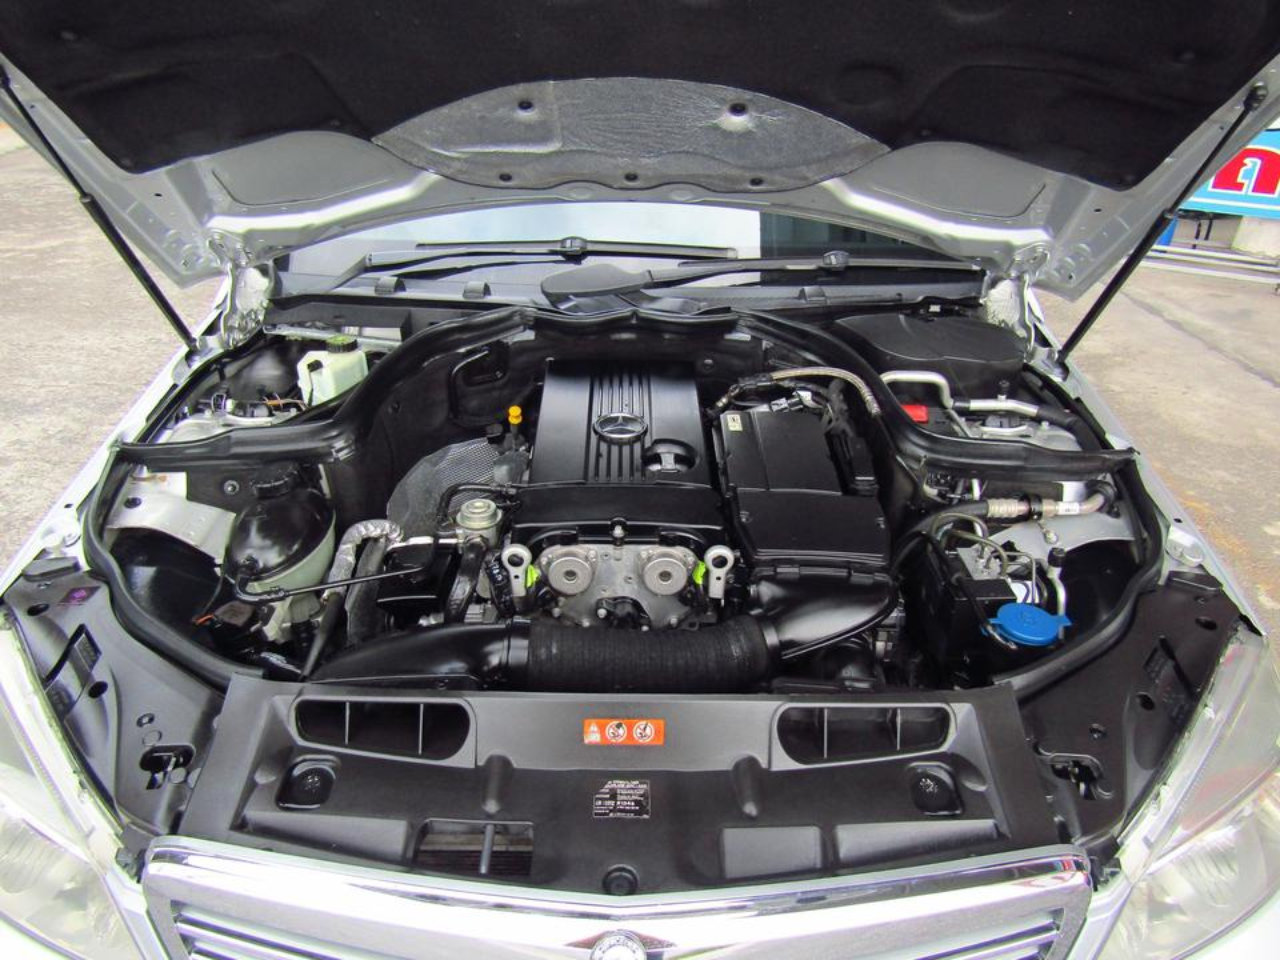 ⭐ ฟรีดาวน์ ออกรถ 0 บาท Benz C 200 K ELEGANCE ปี 2008 W 204 เบ็นซ์ รถบ้าน รถมือสอง รูปที่ 6